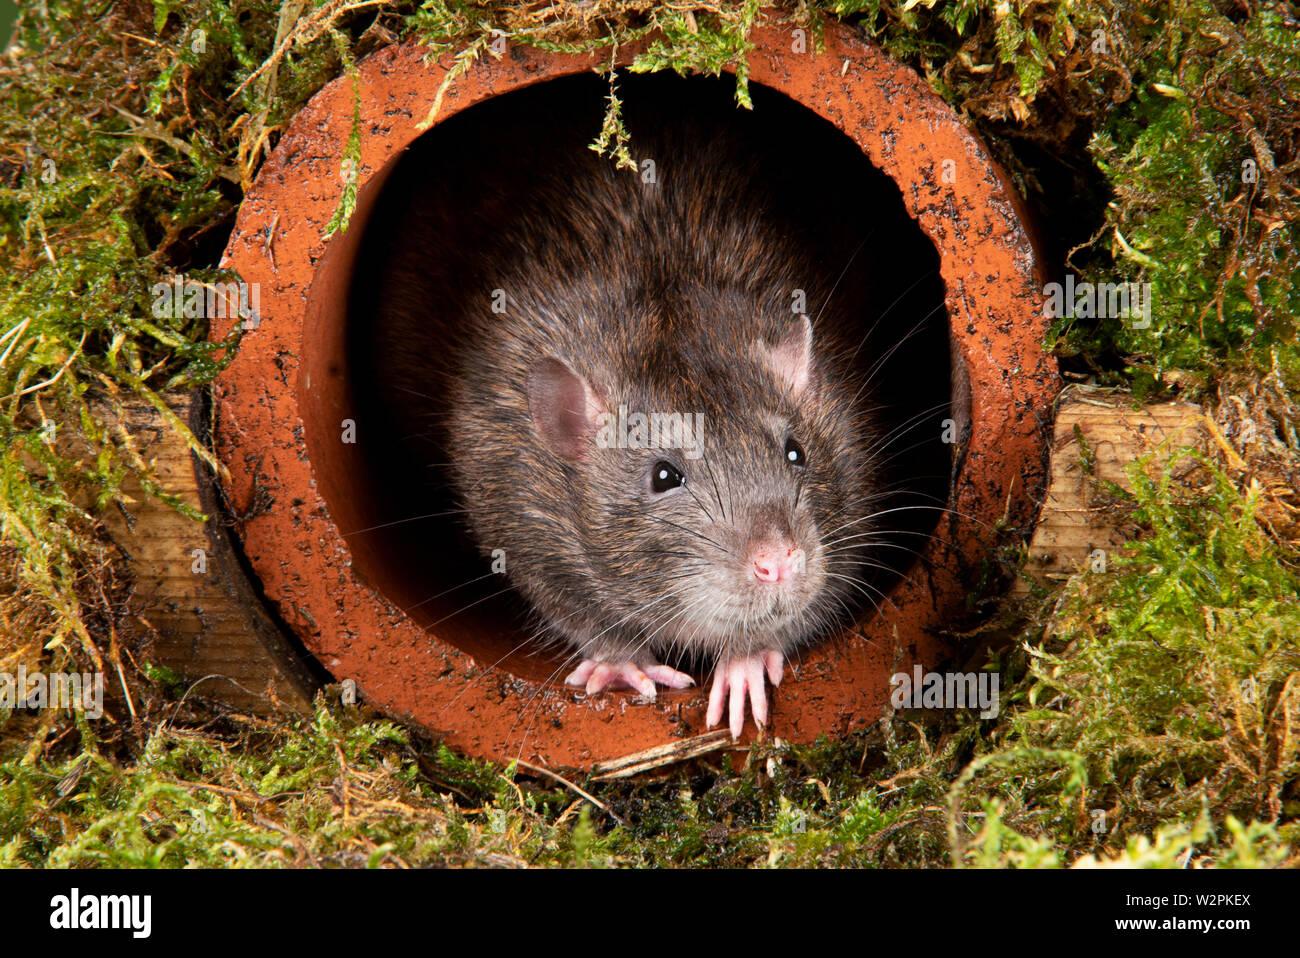 Eine wilde Ratte in ein Studio einrichten, die sich aus einer Wasserleitung Stockfoto